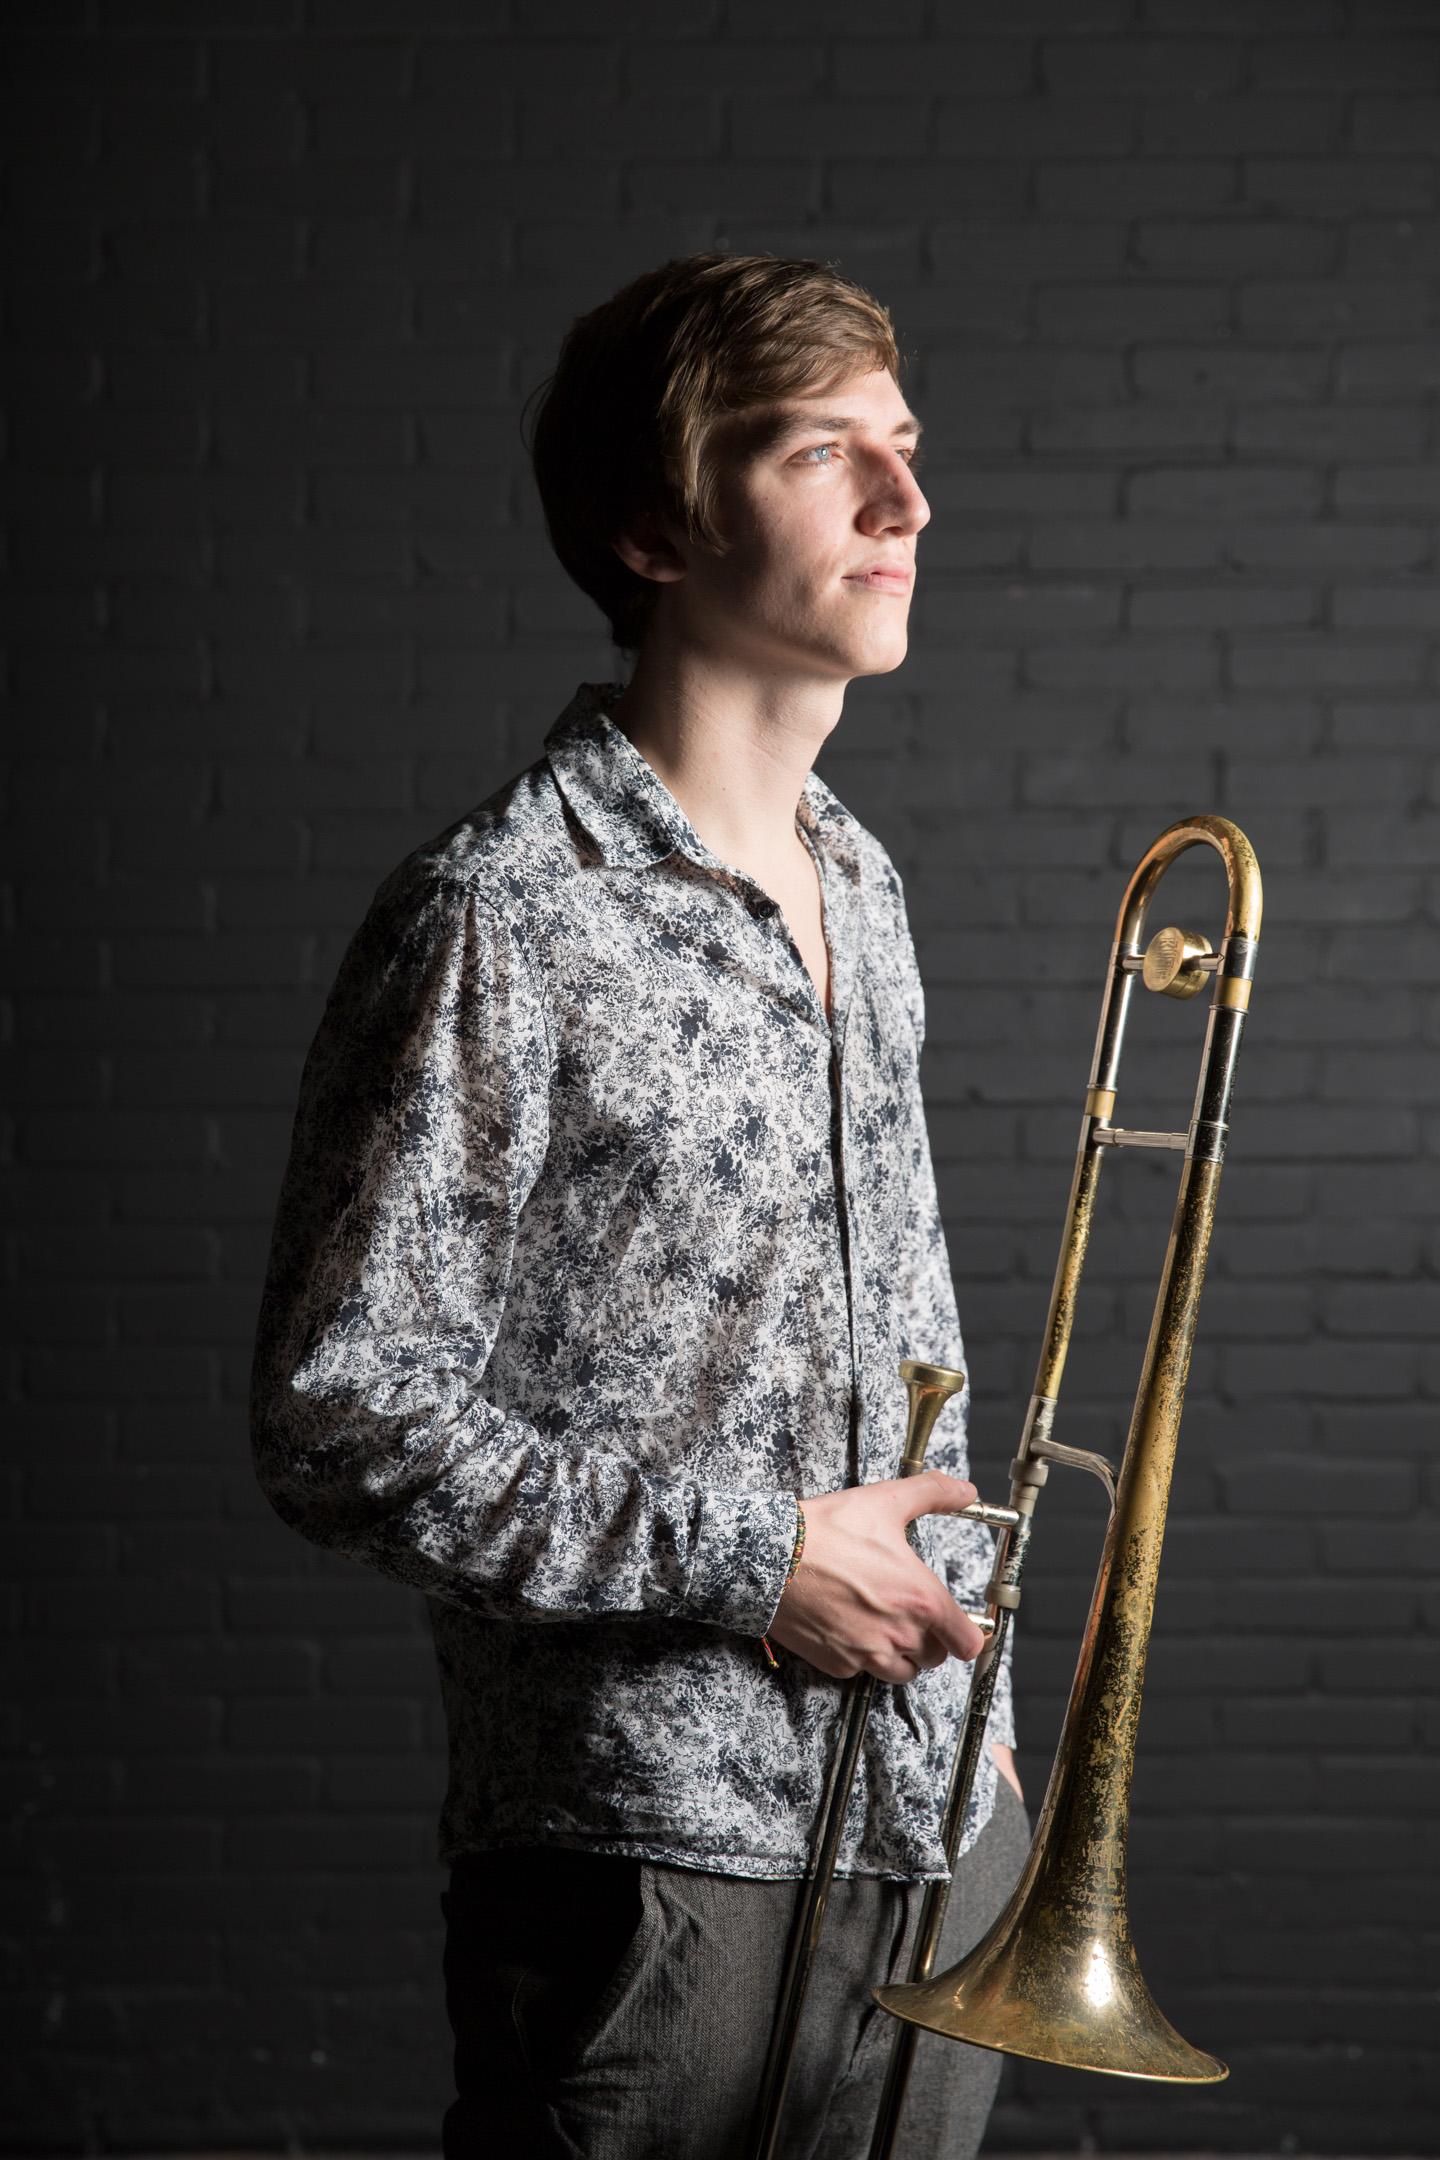 ArtEZ-conservatorium-studenten-portret-fotografie-muzikanten-45